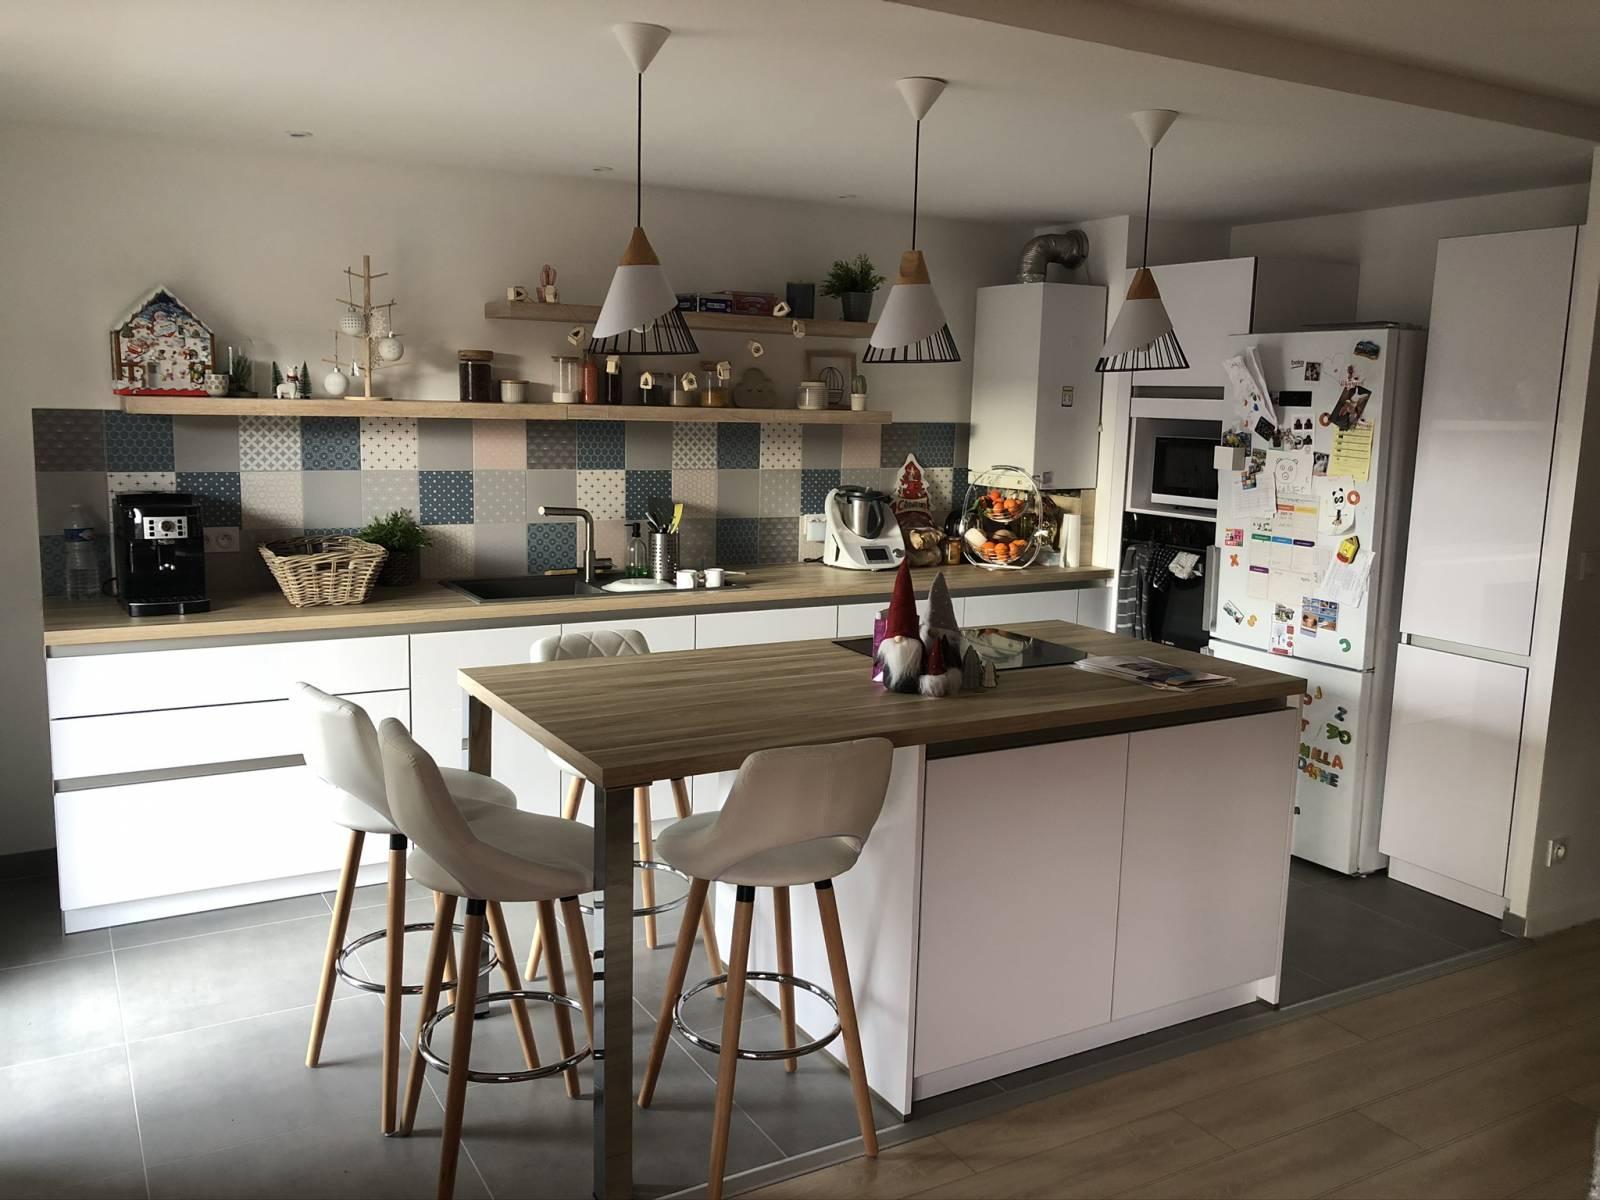 Idée d'agencement de cuisine avec ilot central et table à Lyon ...